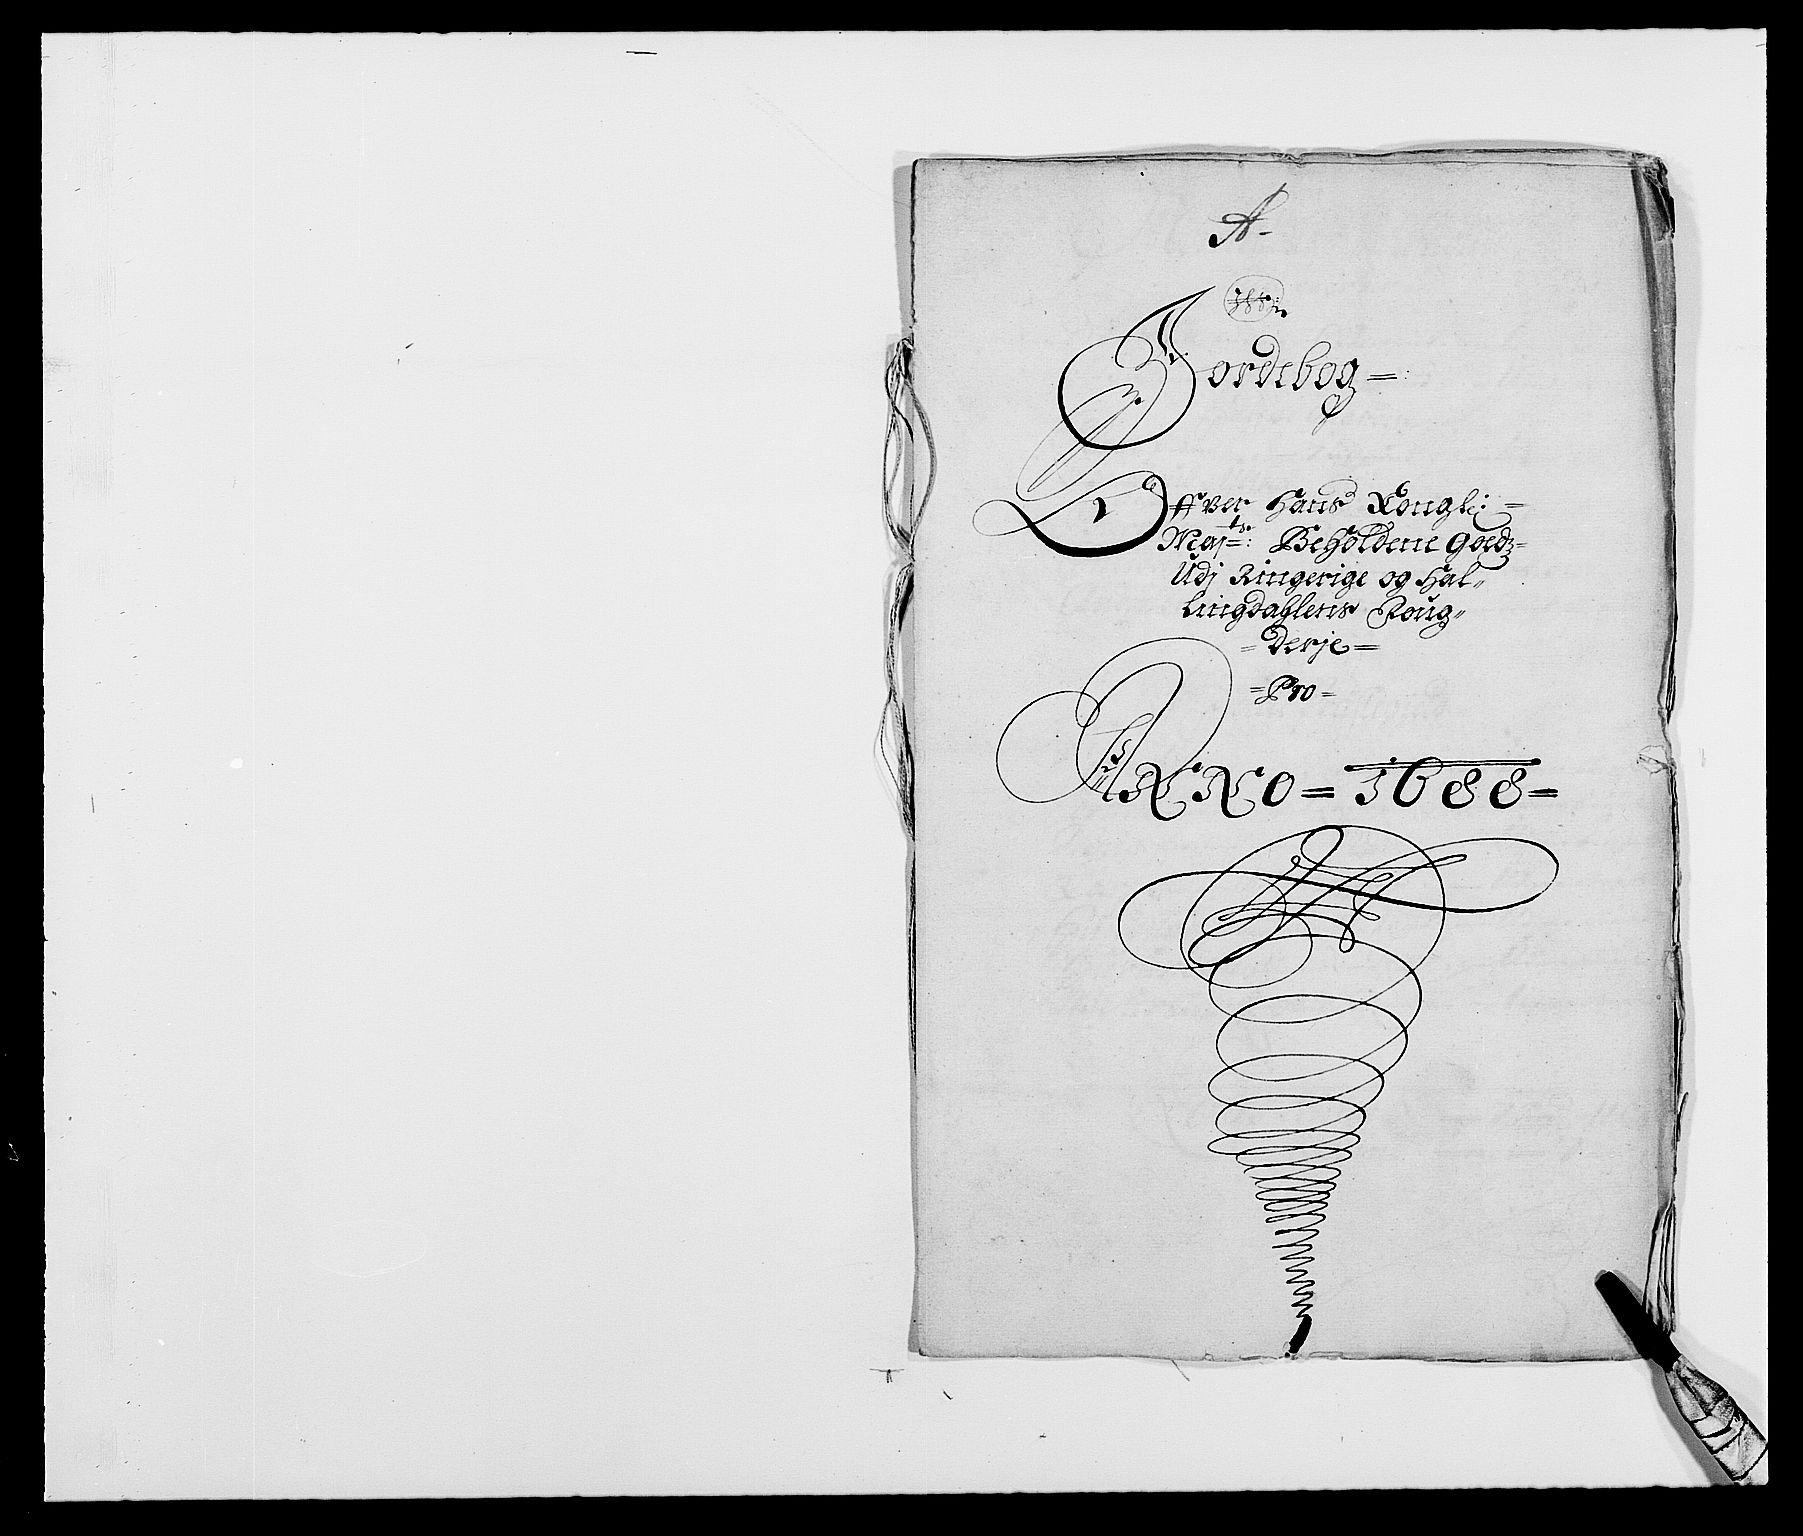 RA, Rentekammeret inntil 1814, Reviderte regnskaper, Fogderegnskap, R21/L1447: Fogderegnskap Ringerike og Hallingdal, 1687-1689, s. 130